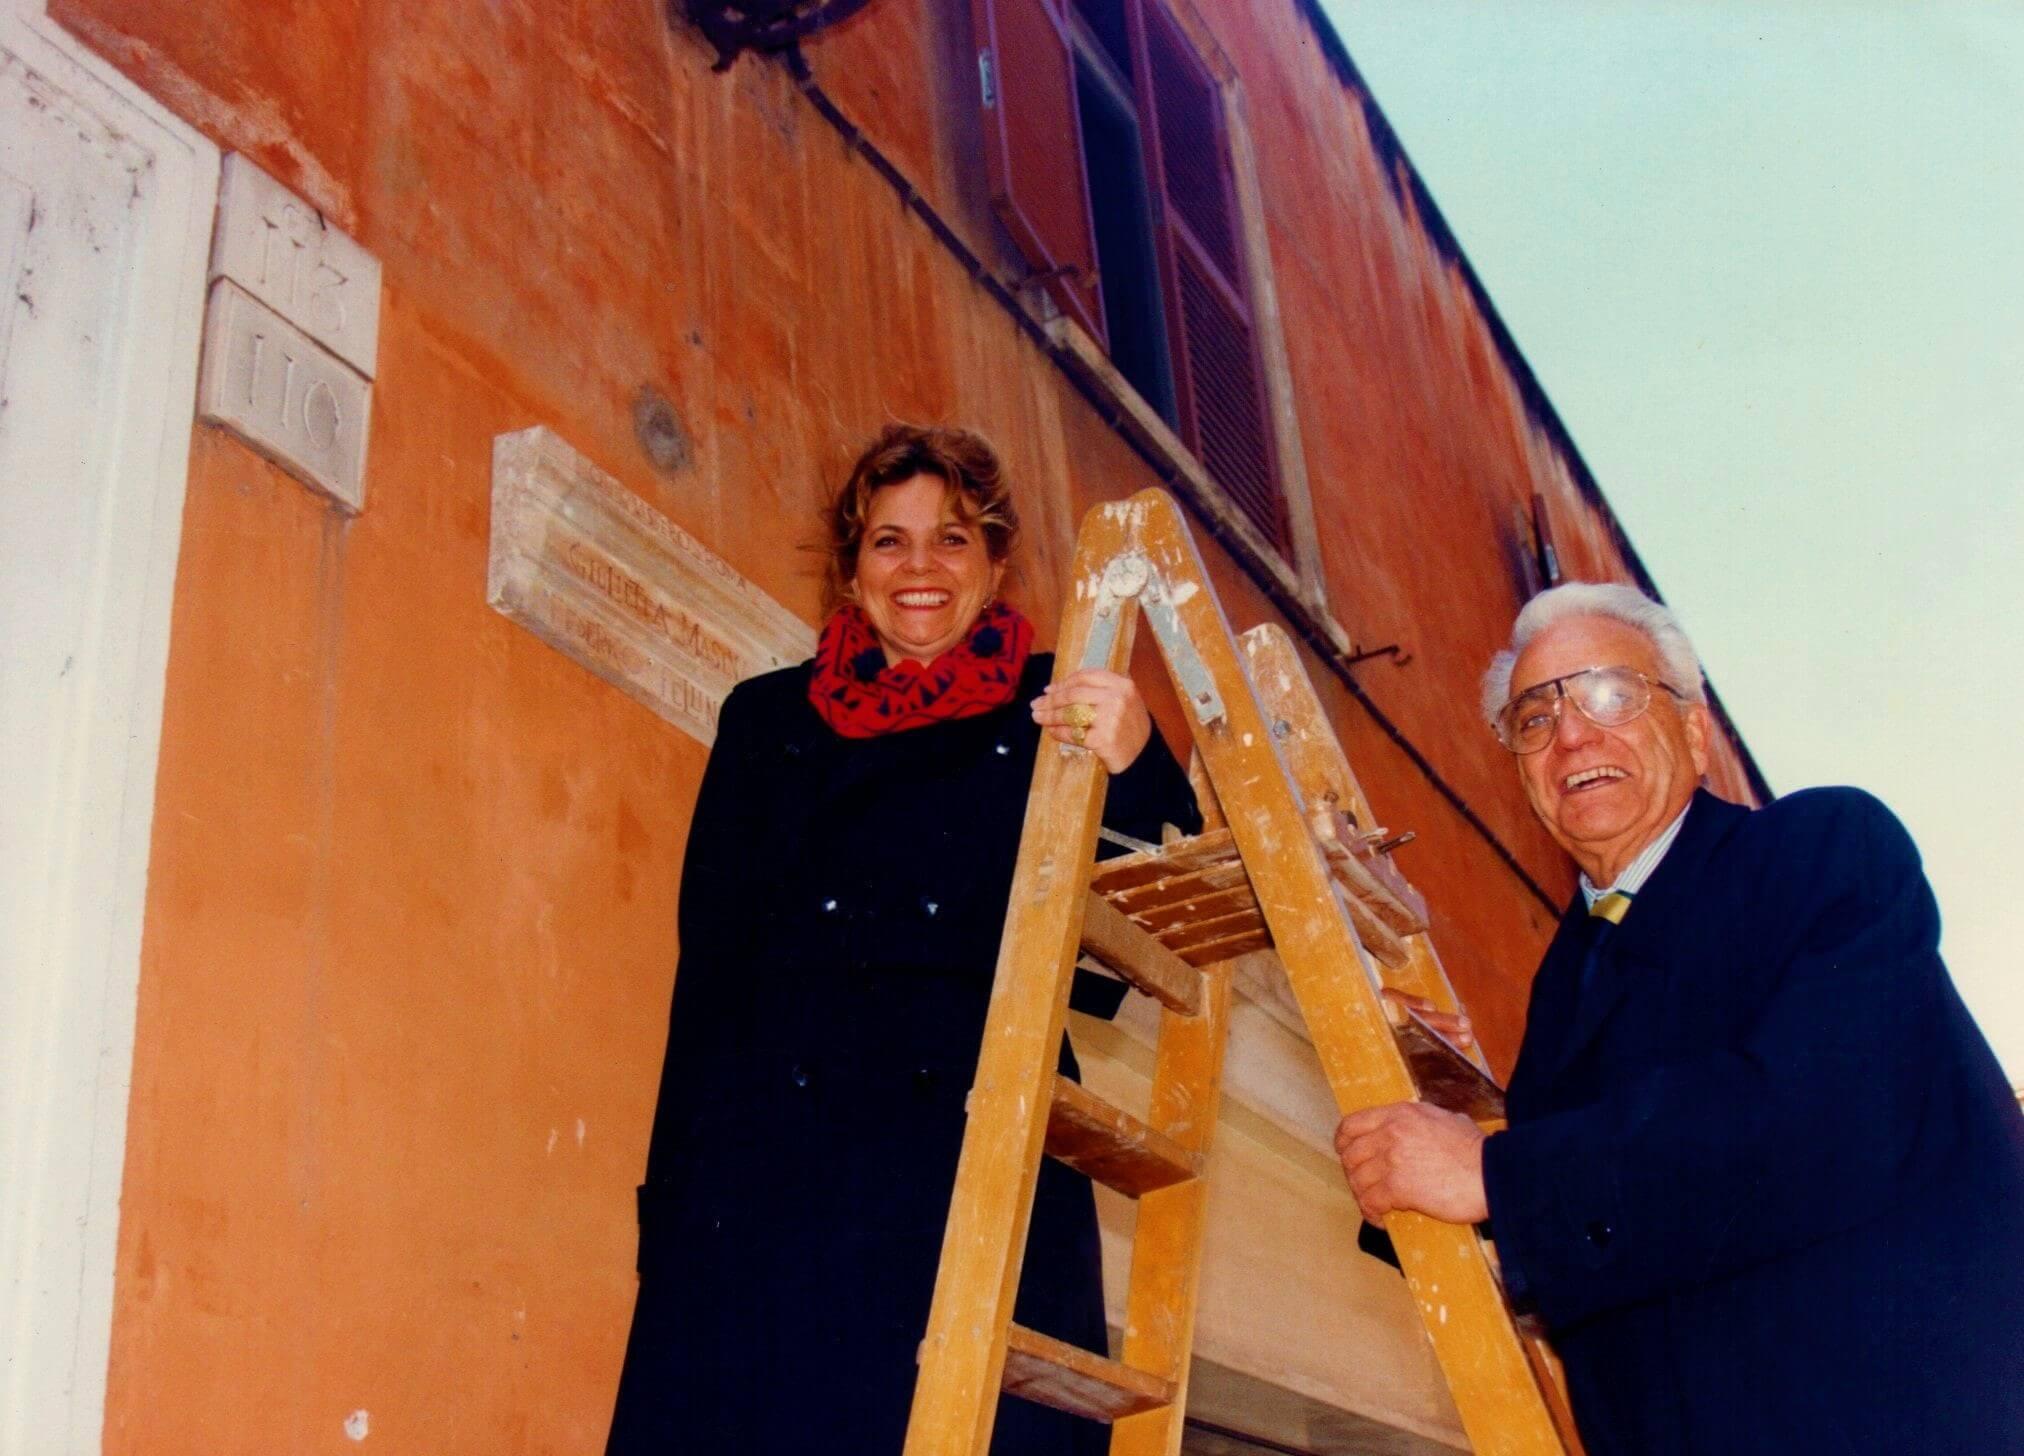 Тициана и Энрико Тоди на Via Margutta 110 устанавливают мемориальную доску в память о Федерико Феллини